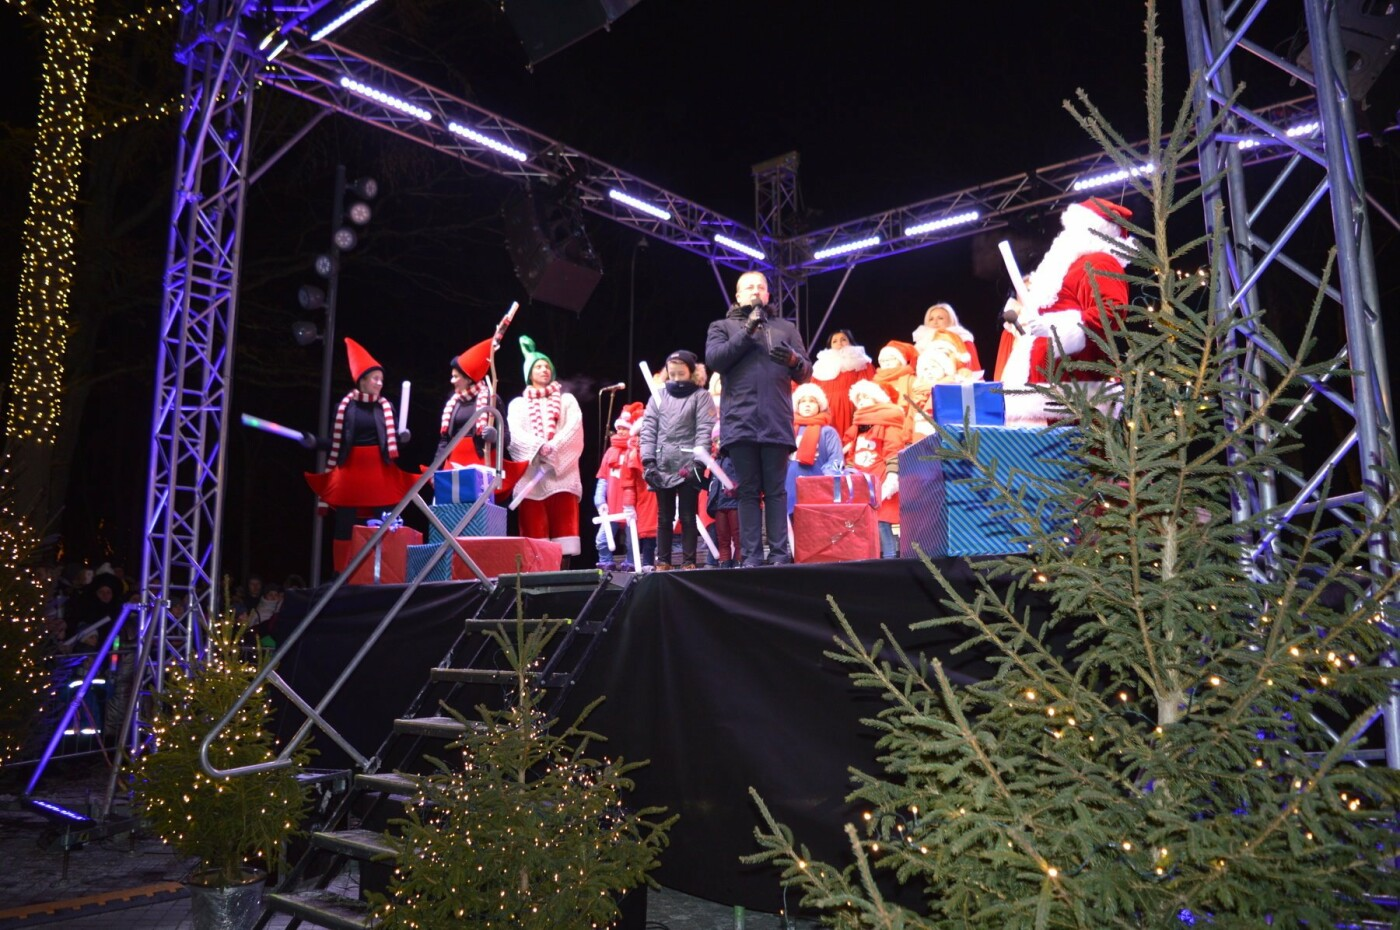 Palanga įžiebė eglę ir suspindo tūkstančiais kalėdinių šviesų, nuotrauka-39